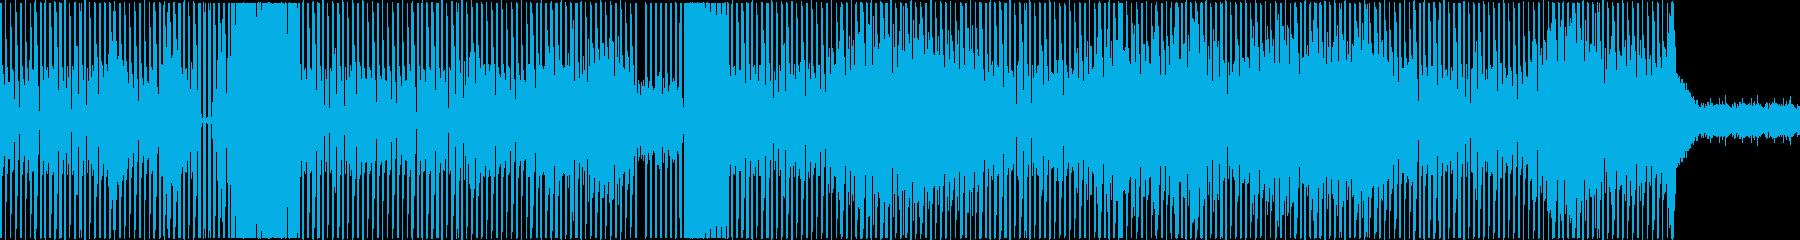 剥ぎ取られた、主な強調。の再生済みの波形